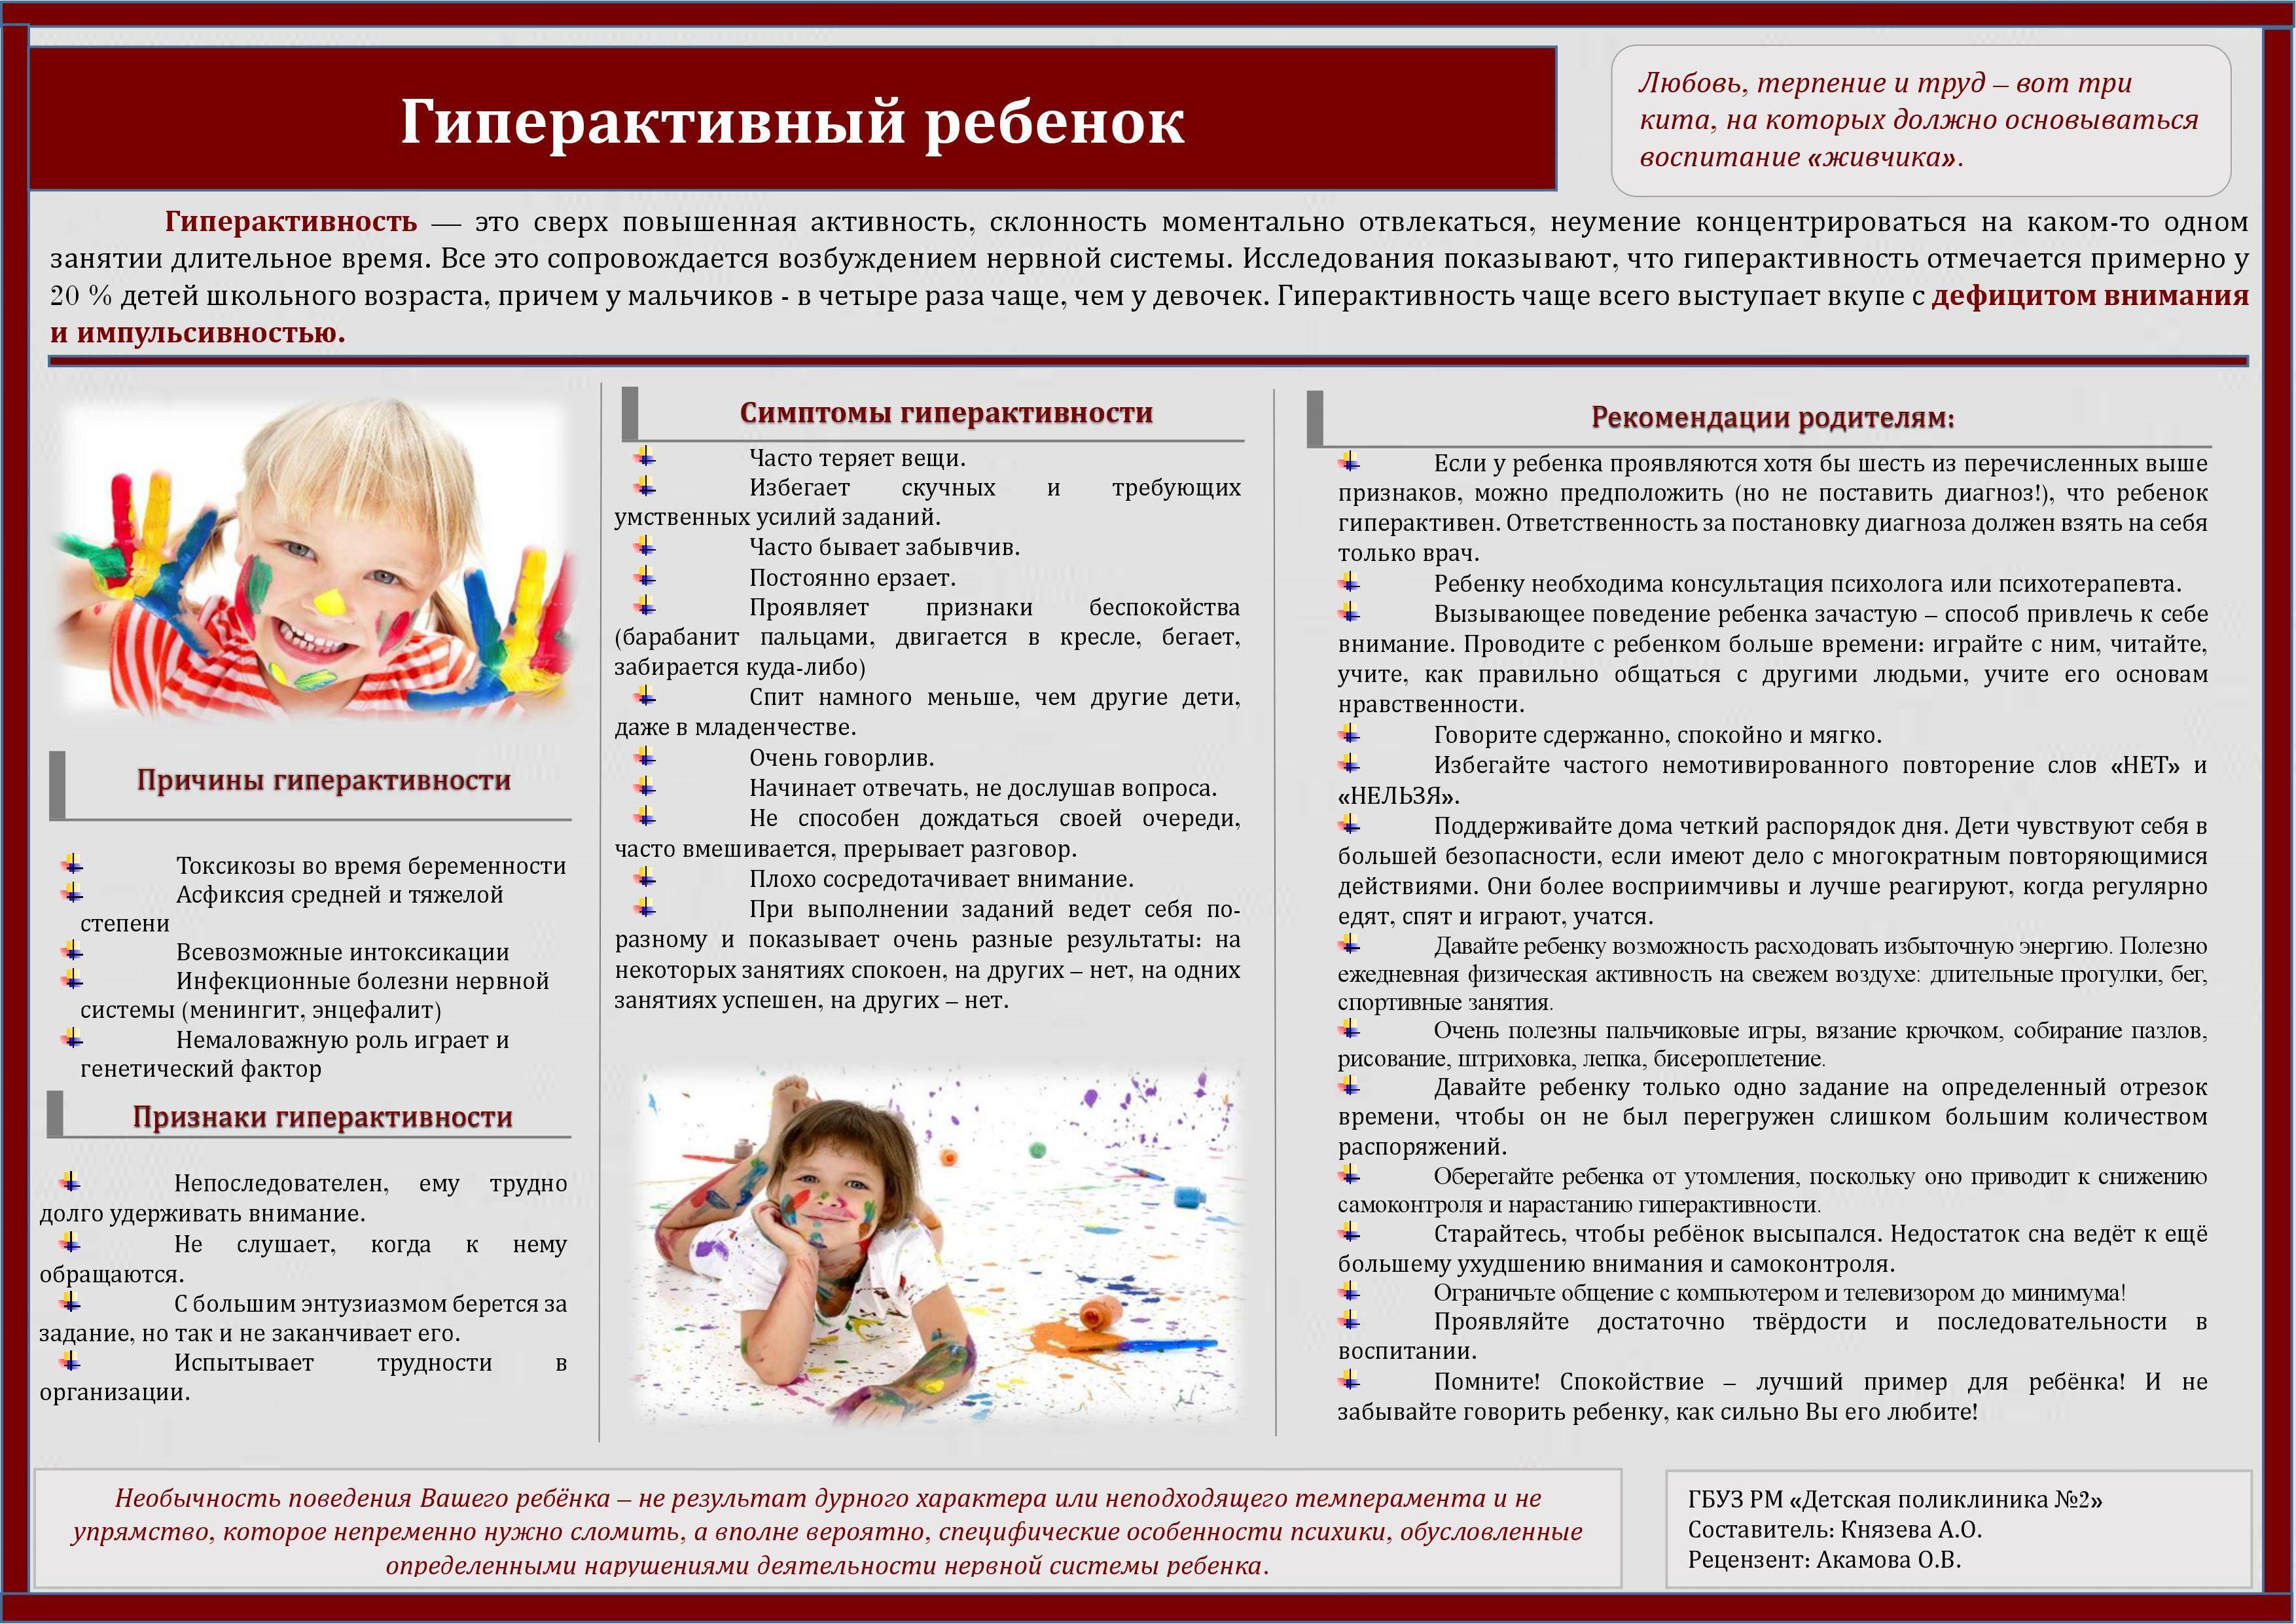 Гиперактивный ребенок – несуществующий диагноз или реальная проблема?